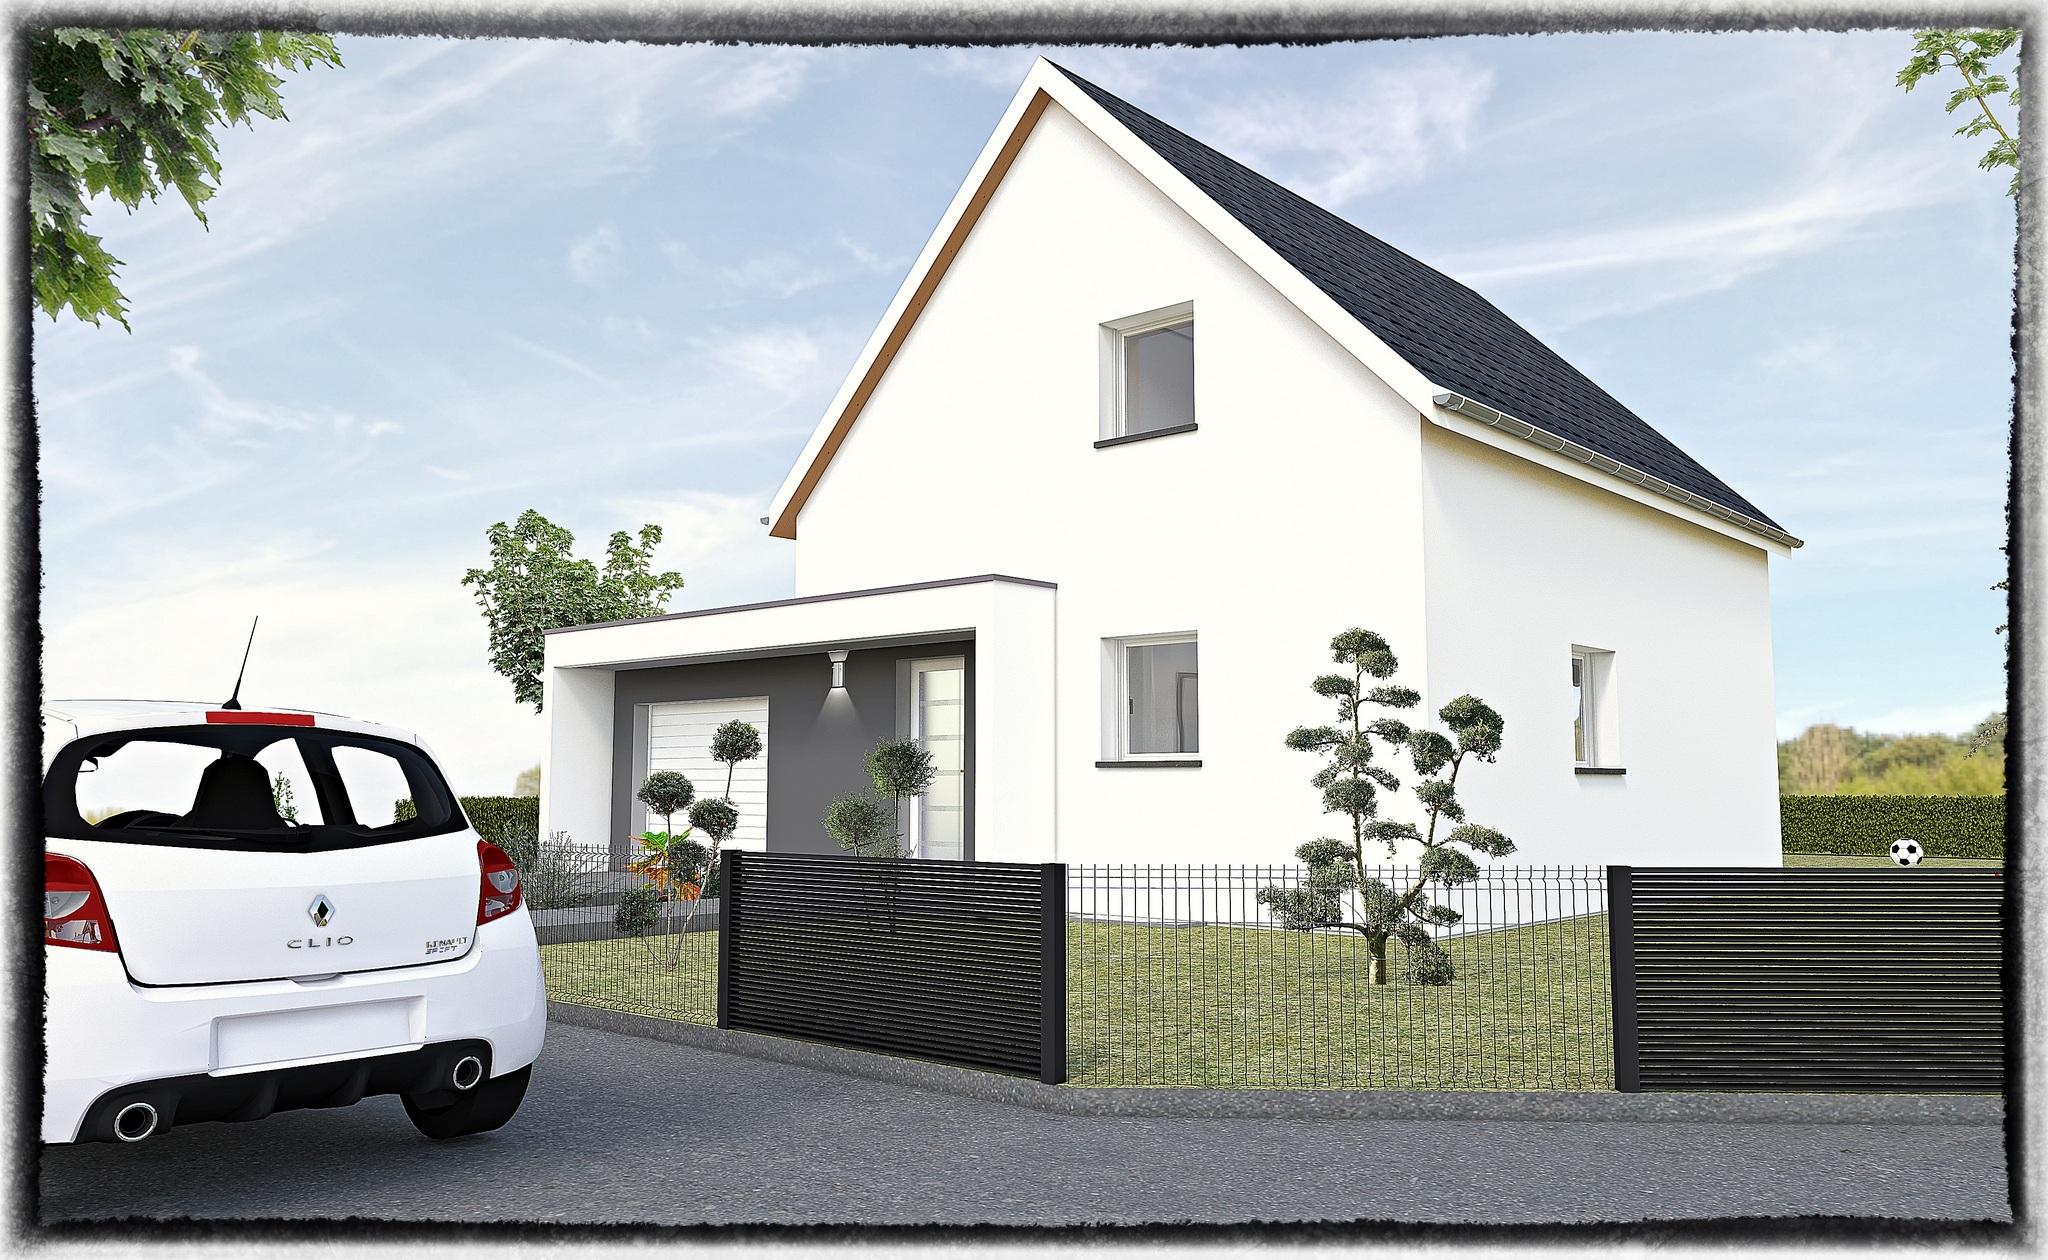 Maisons + Terrains du constructeur MAISONS CRISALIS • 90 m² • MONTREUX CHATEAU